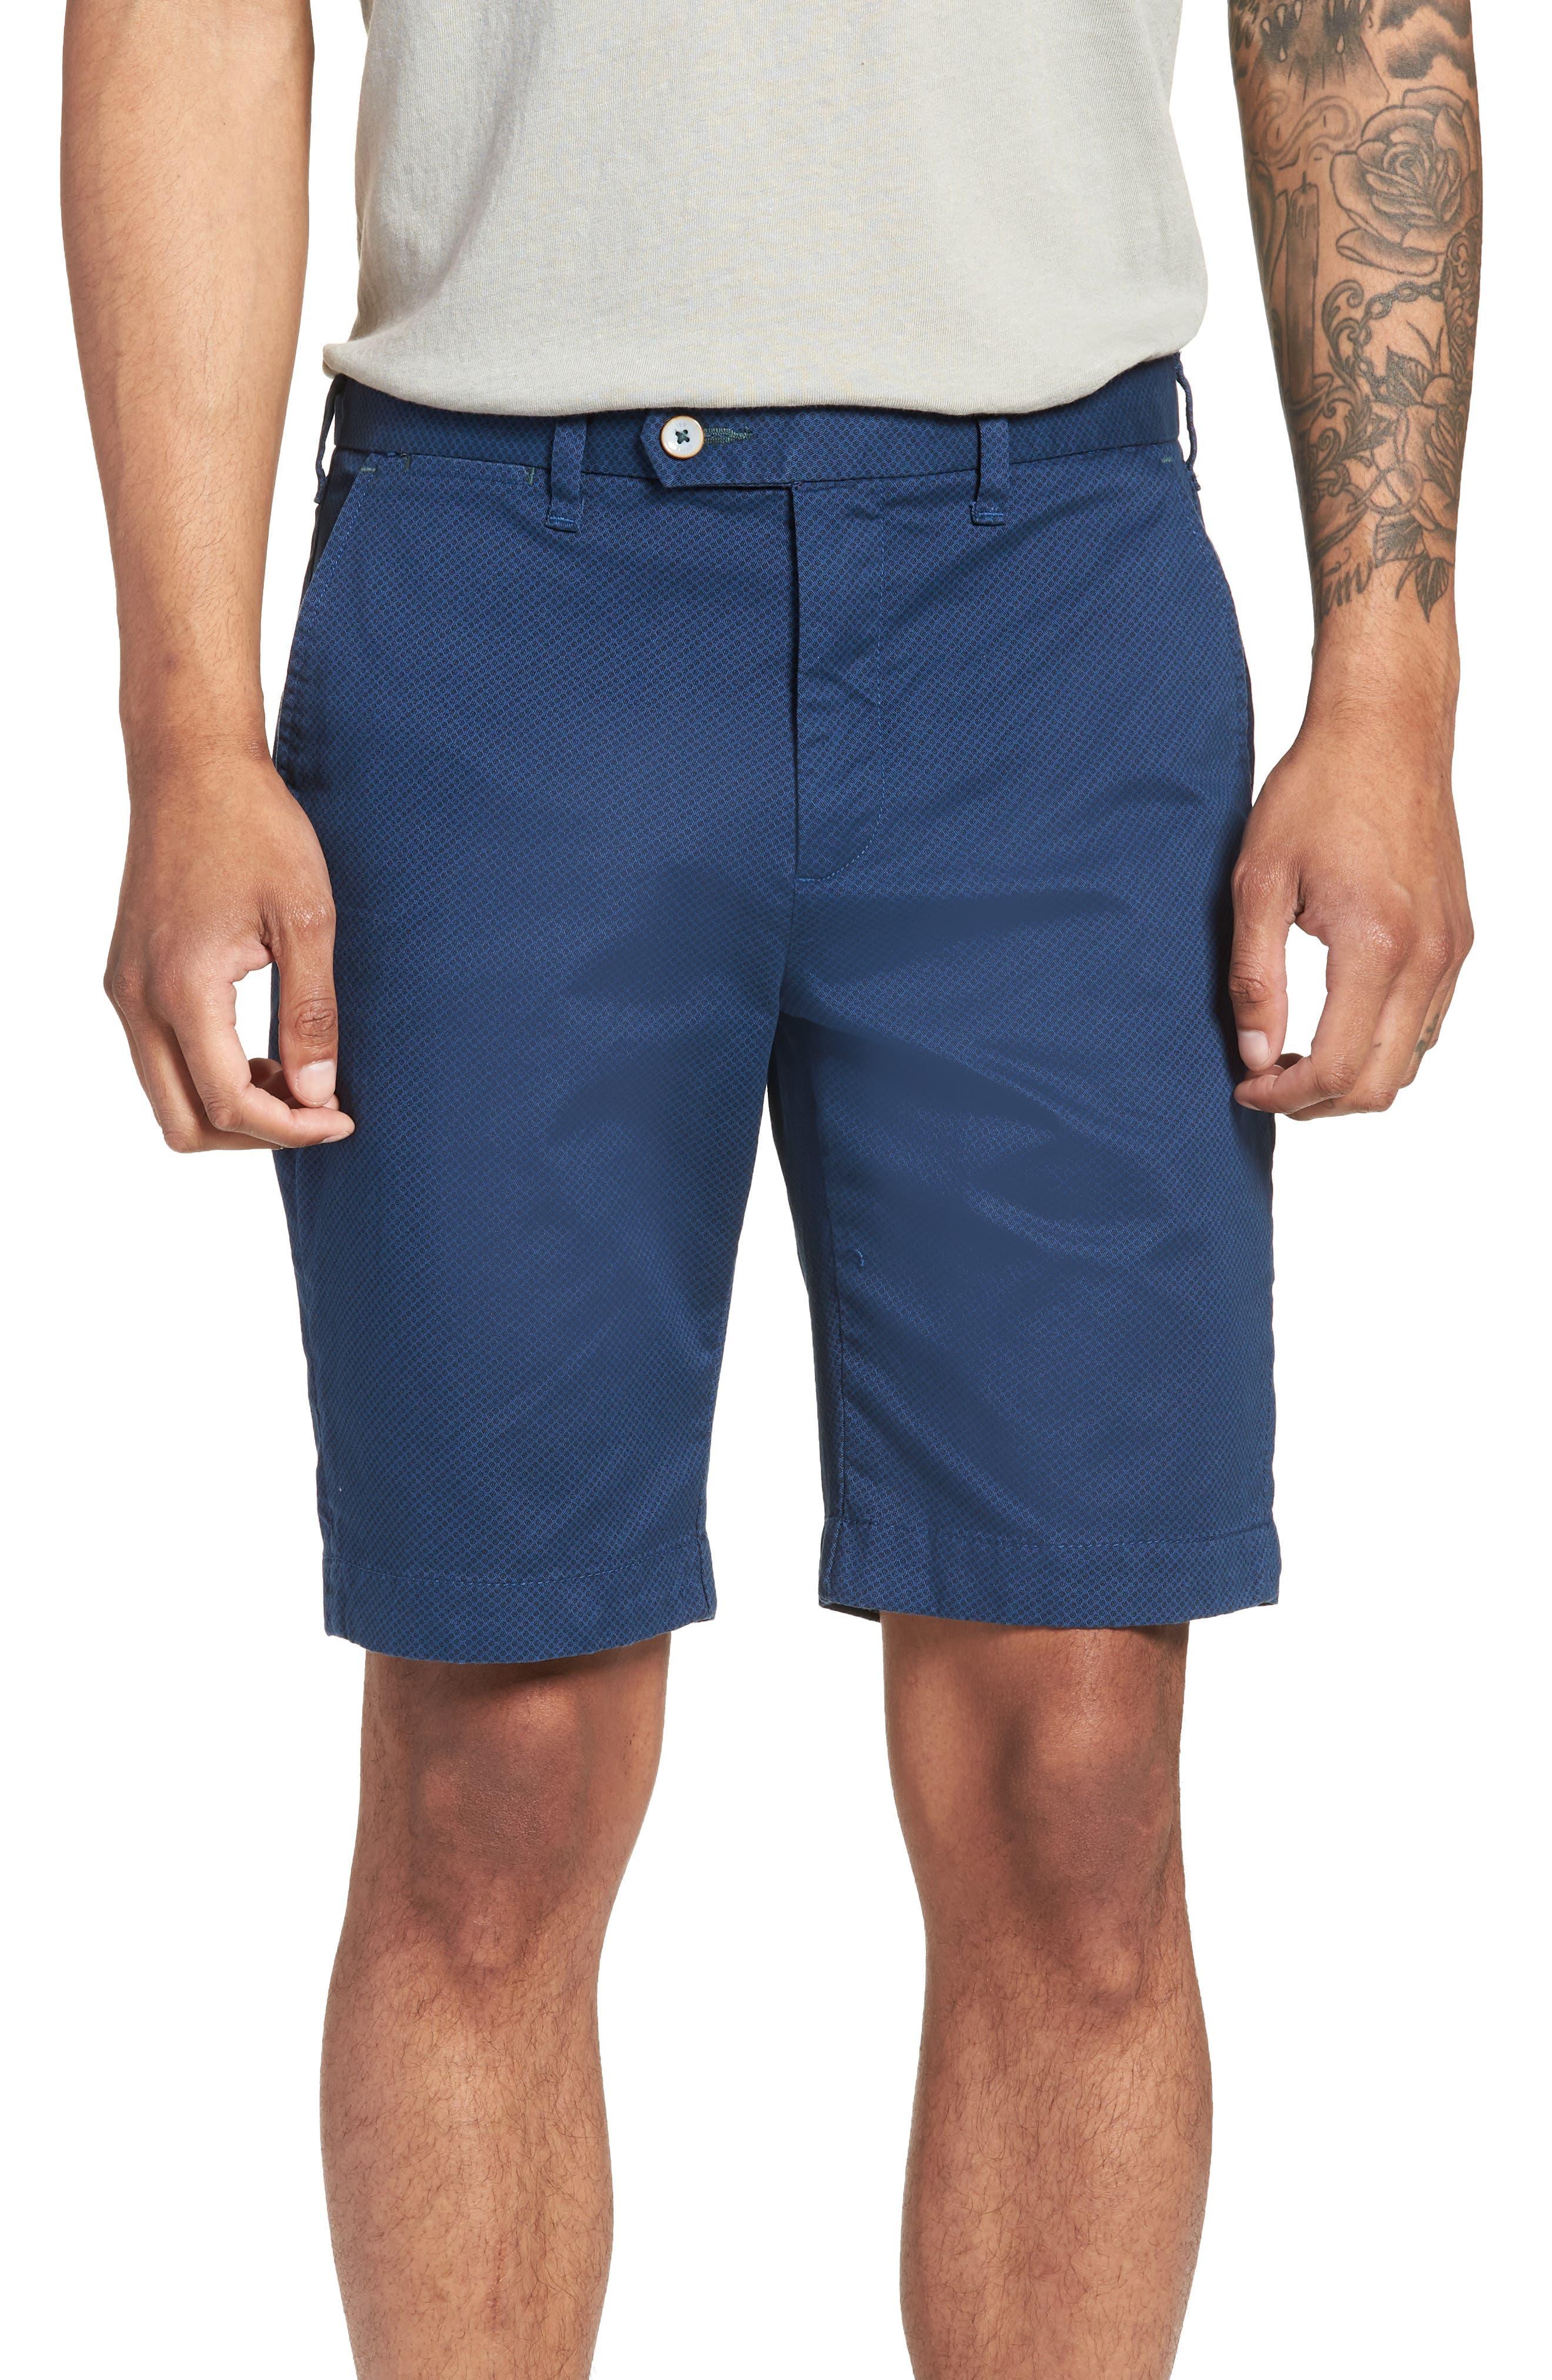 Print Spot Shorts,                             Main thumbnail 1, color,                             Navy